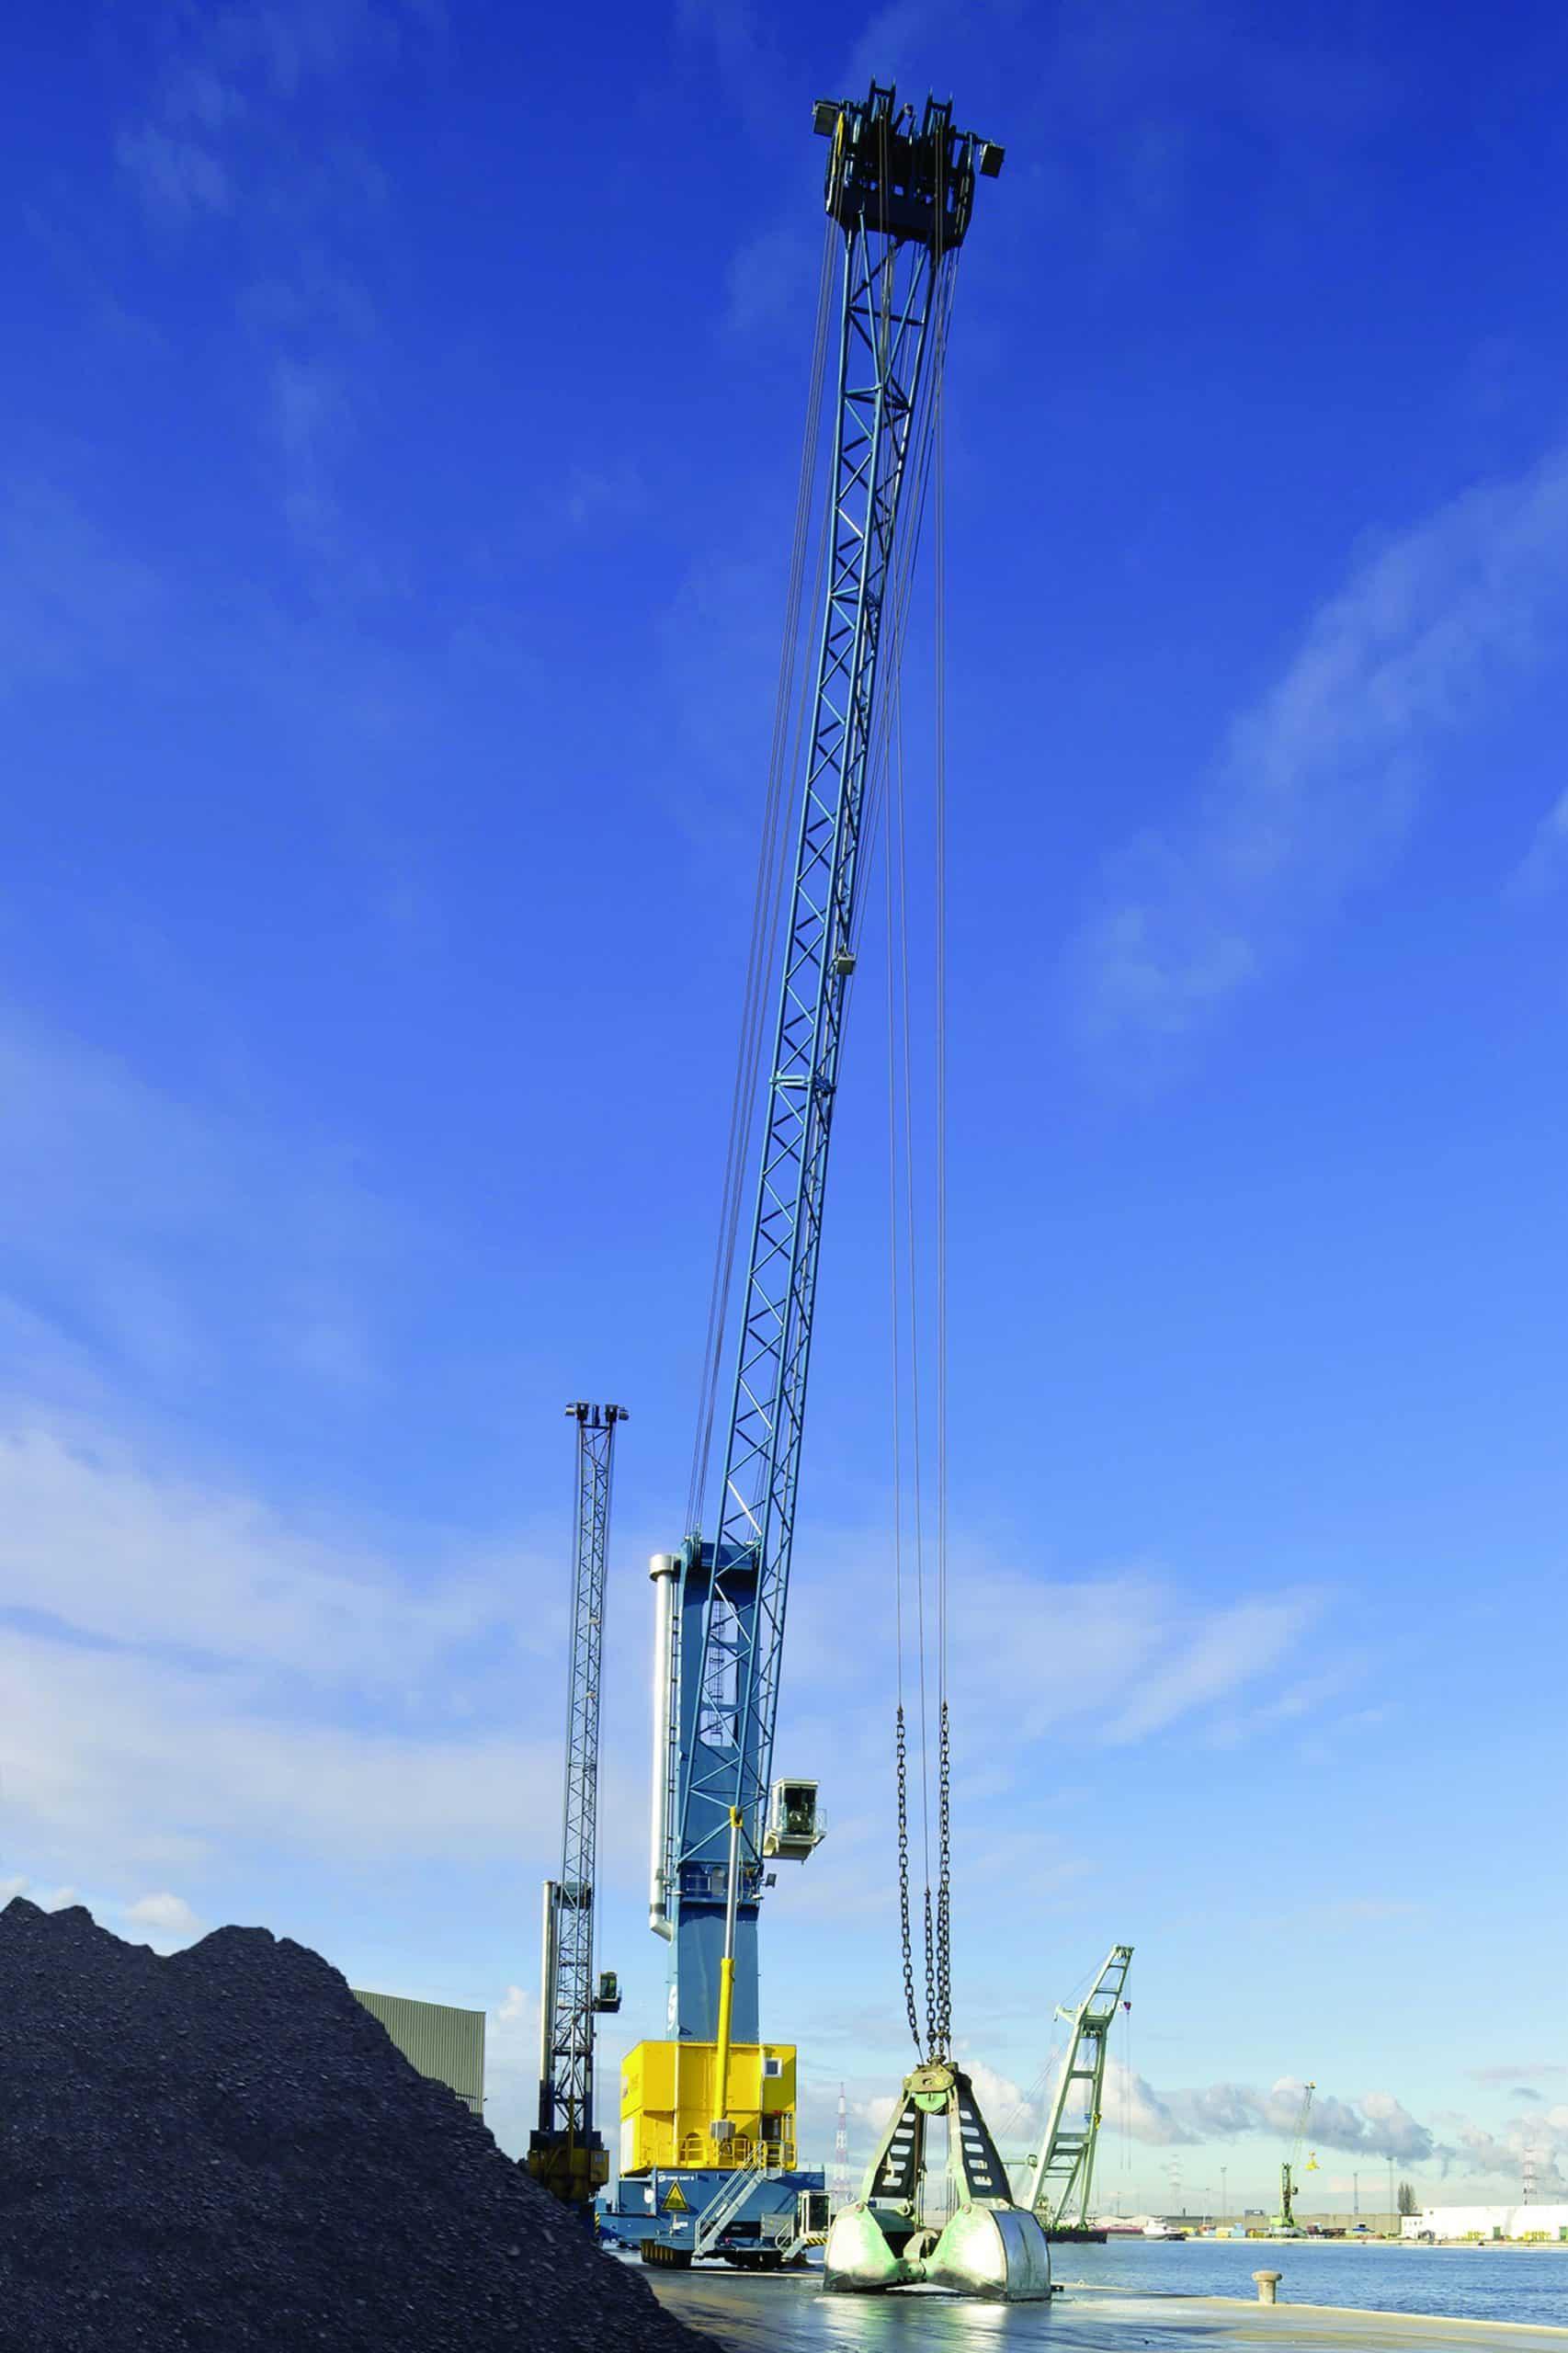 Terex delivers 1500th Gottwald mobile harbour crane